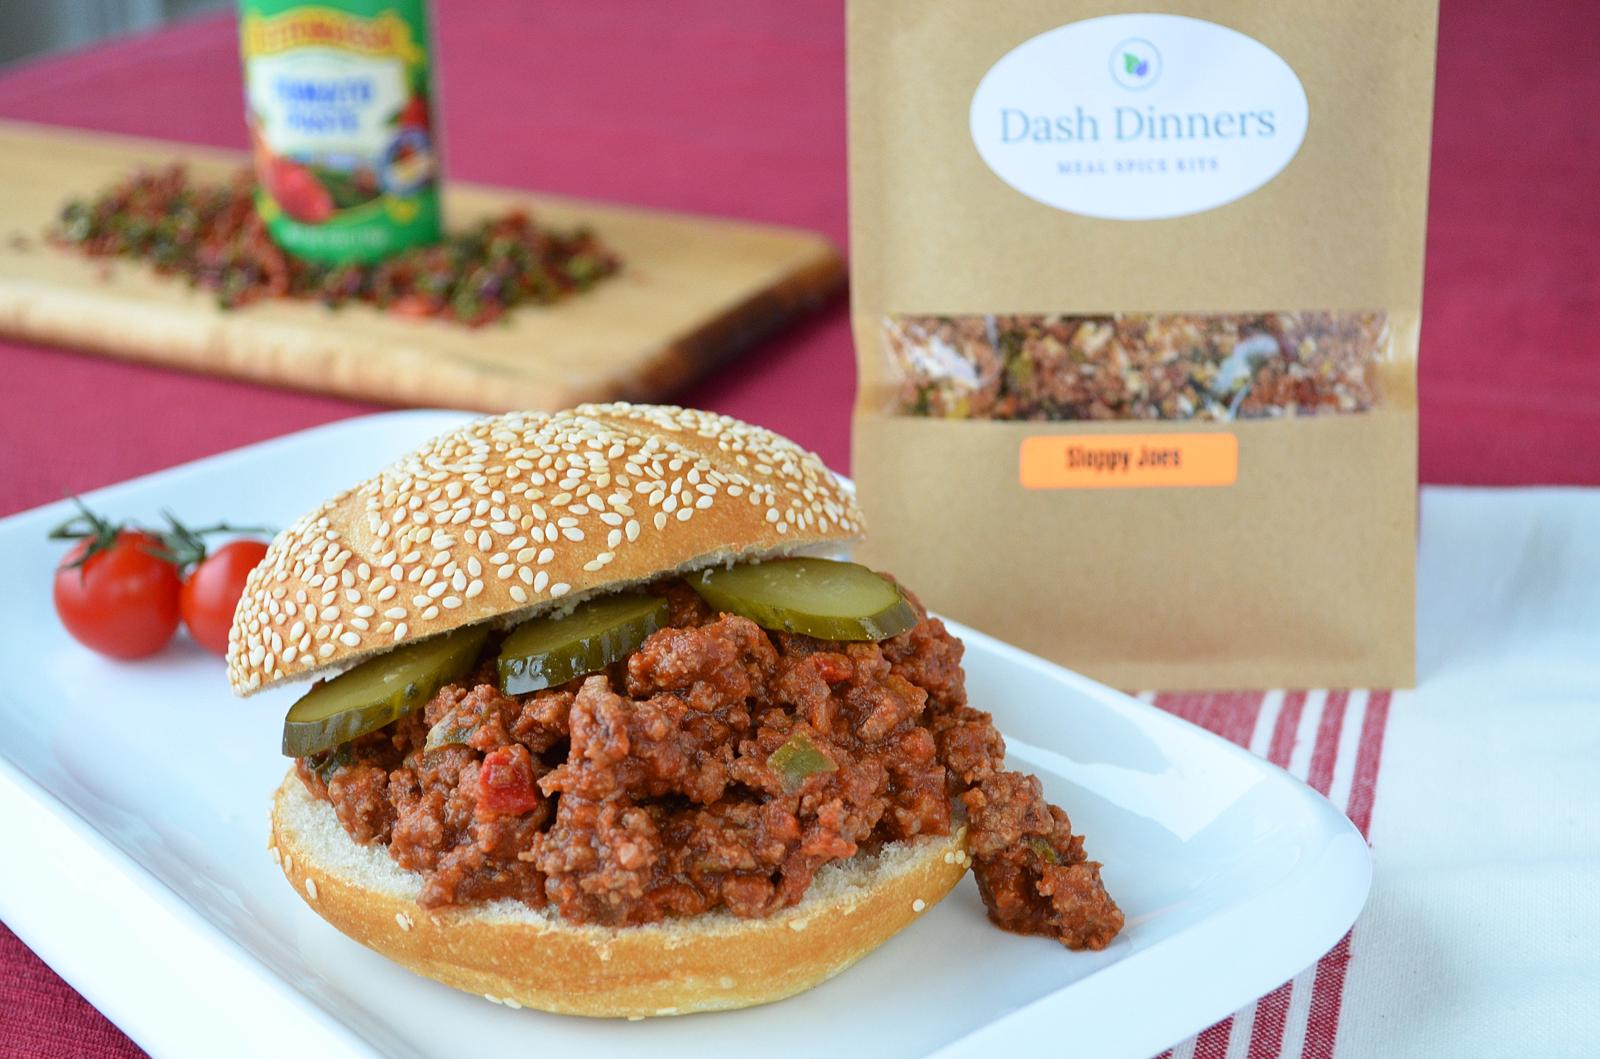 sloppy-joes-spice-kit-16-oz-for-1pan-dinner